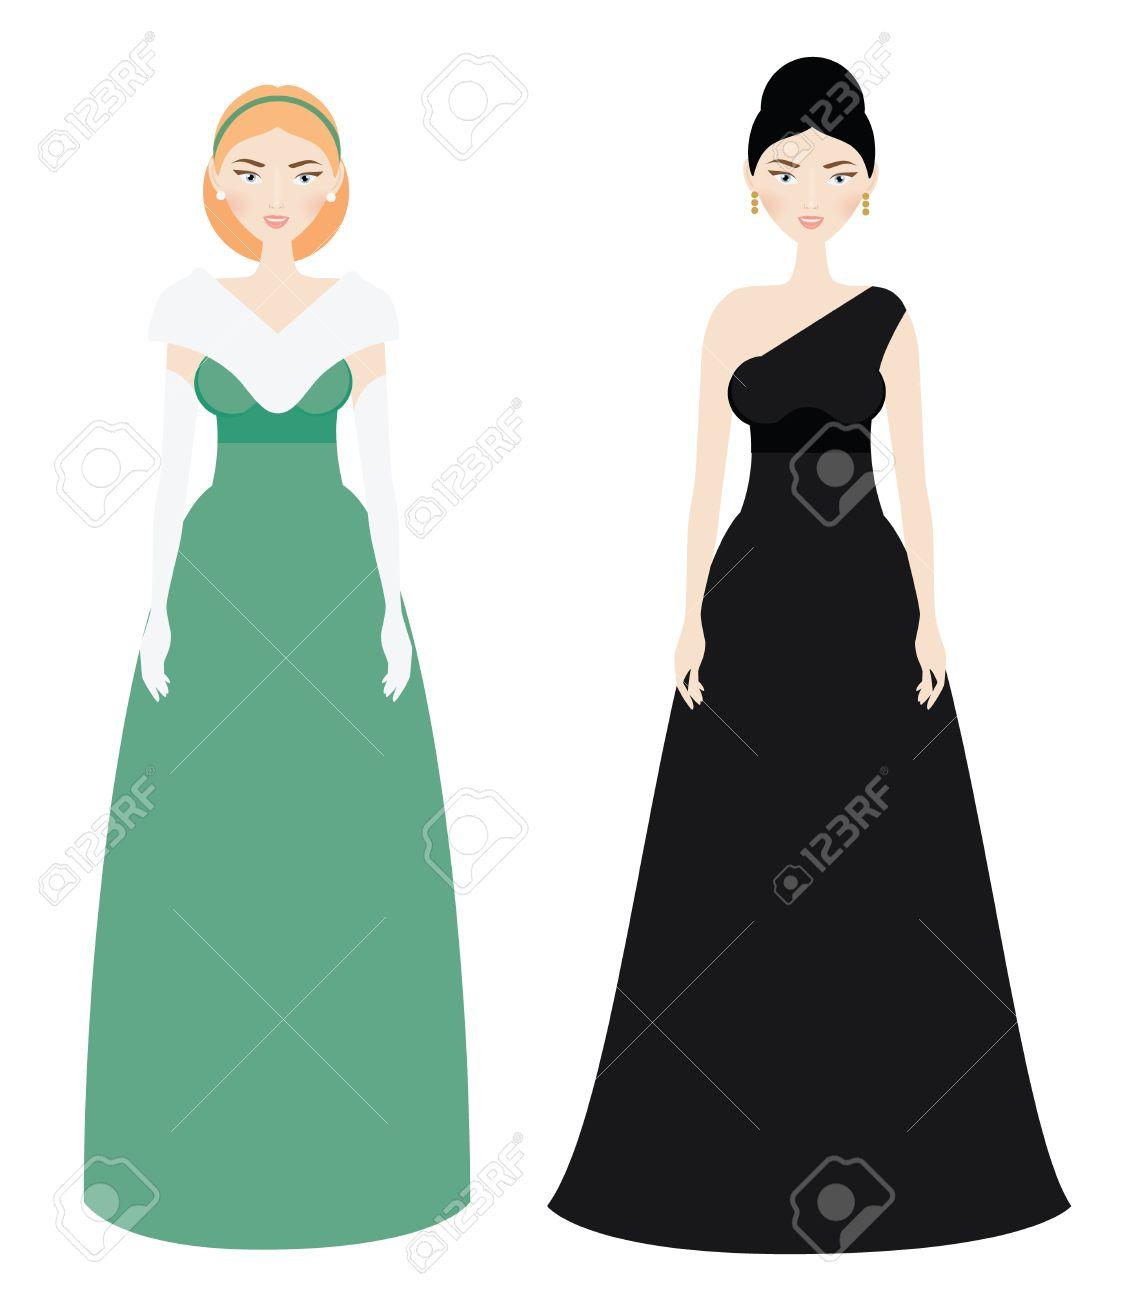 Beste White Dress Code Partei Bilder - Brautkleider Ideen - cashingy ...